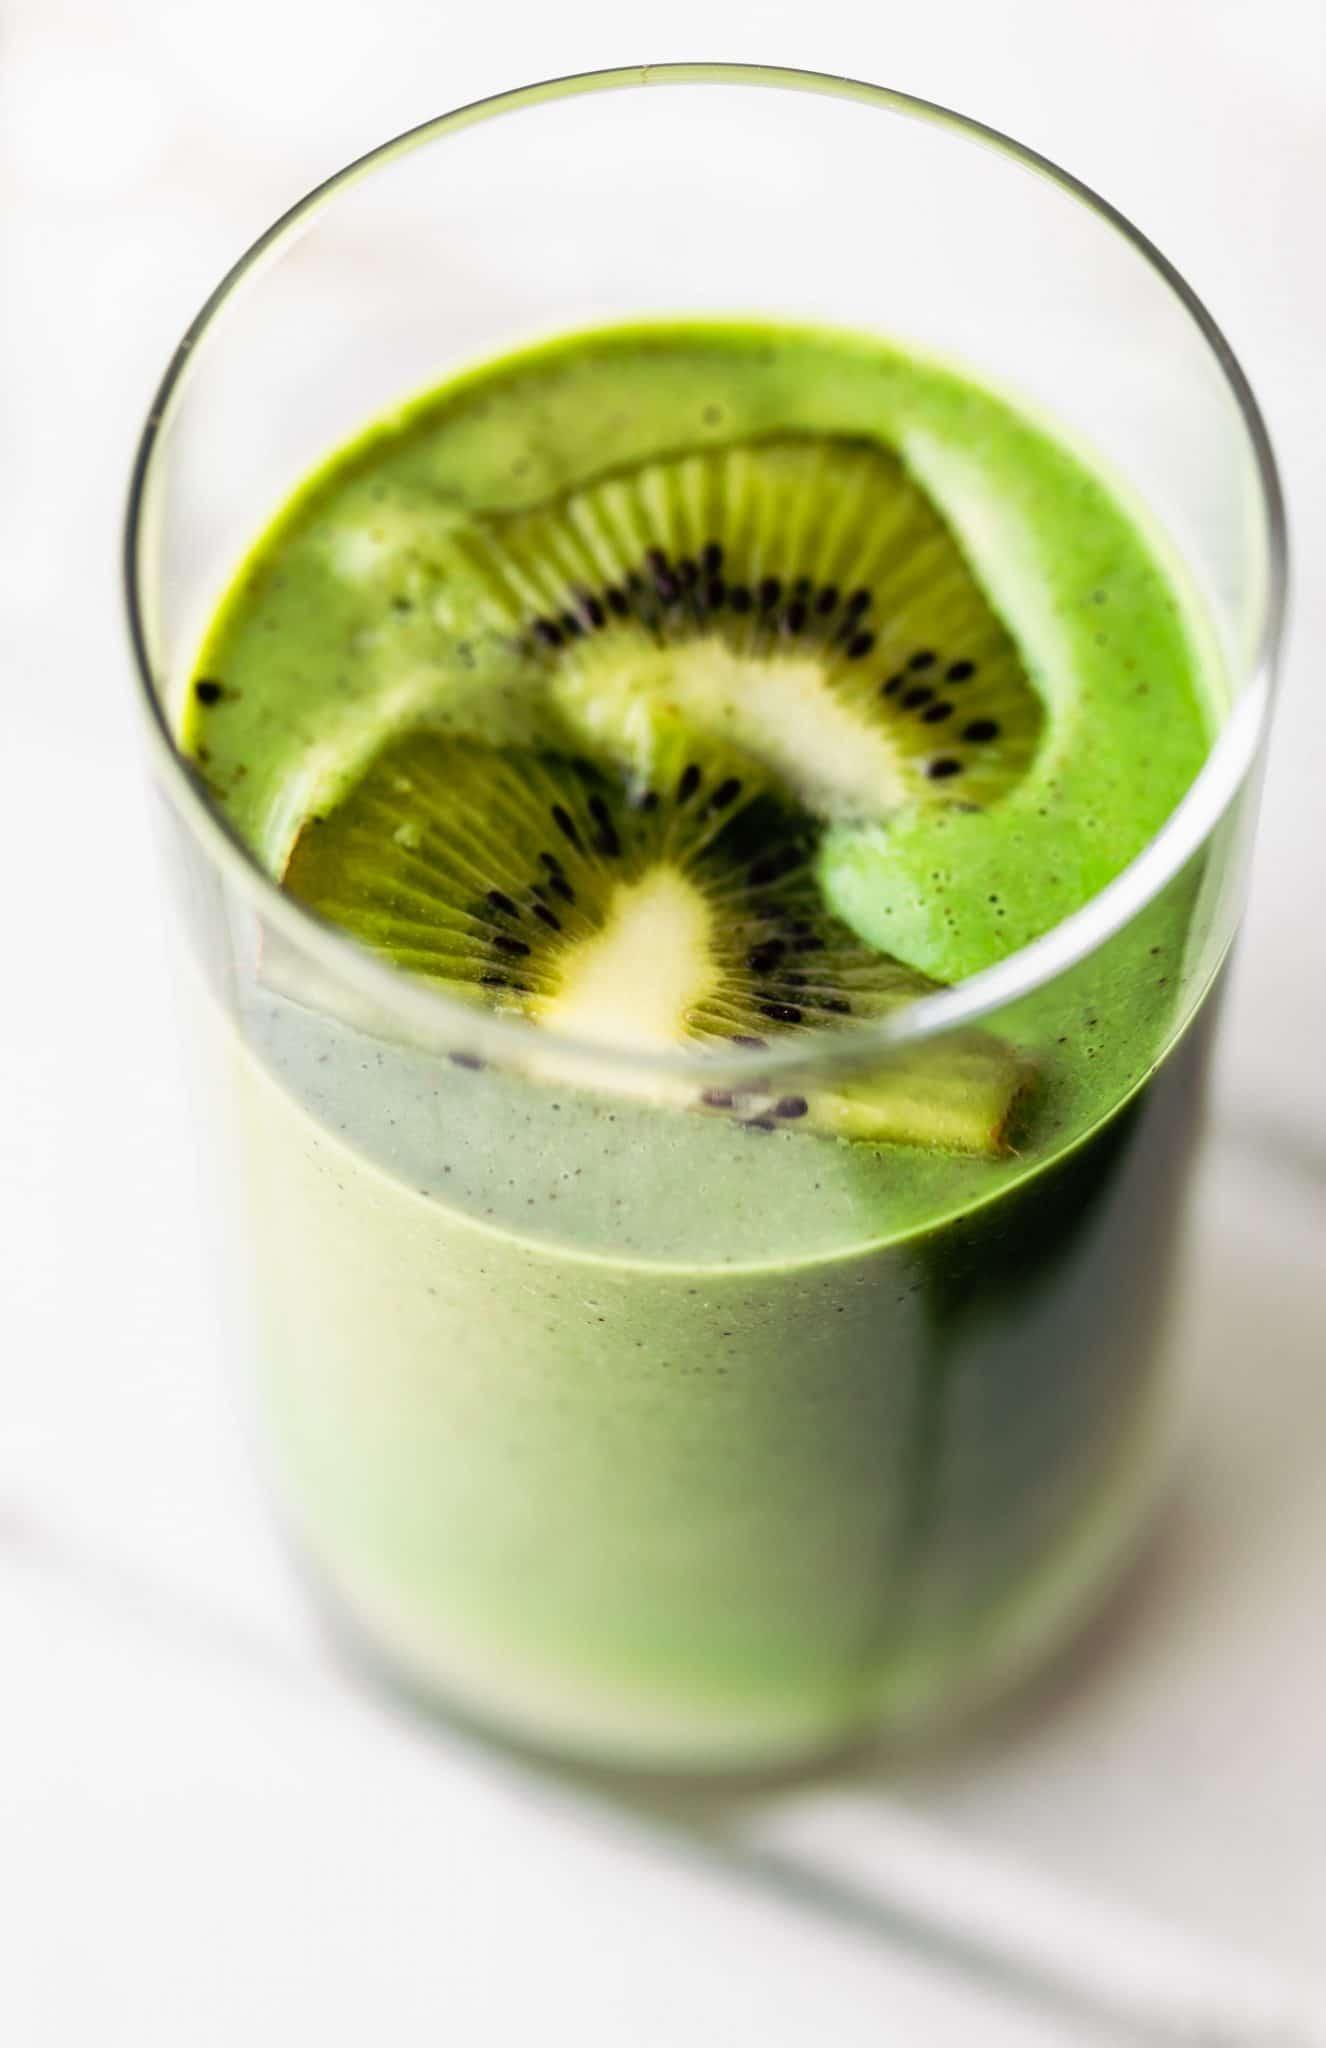 Close up image of superfood spirulina smoothie garnished with fresh kiwi.